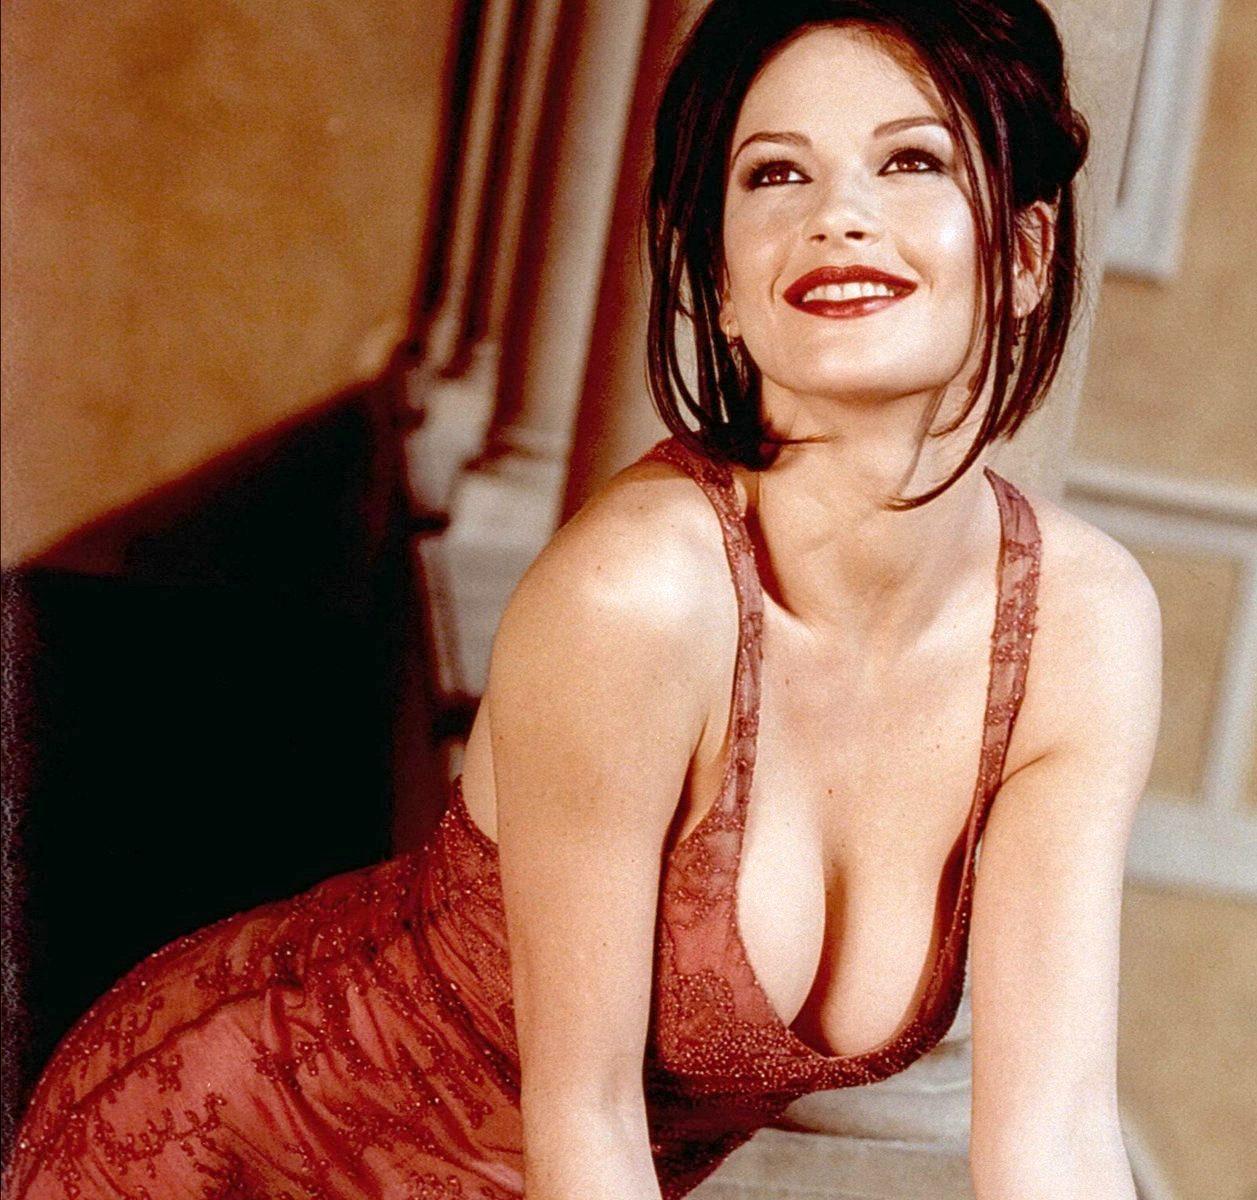 Catherine zeta johns naked